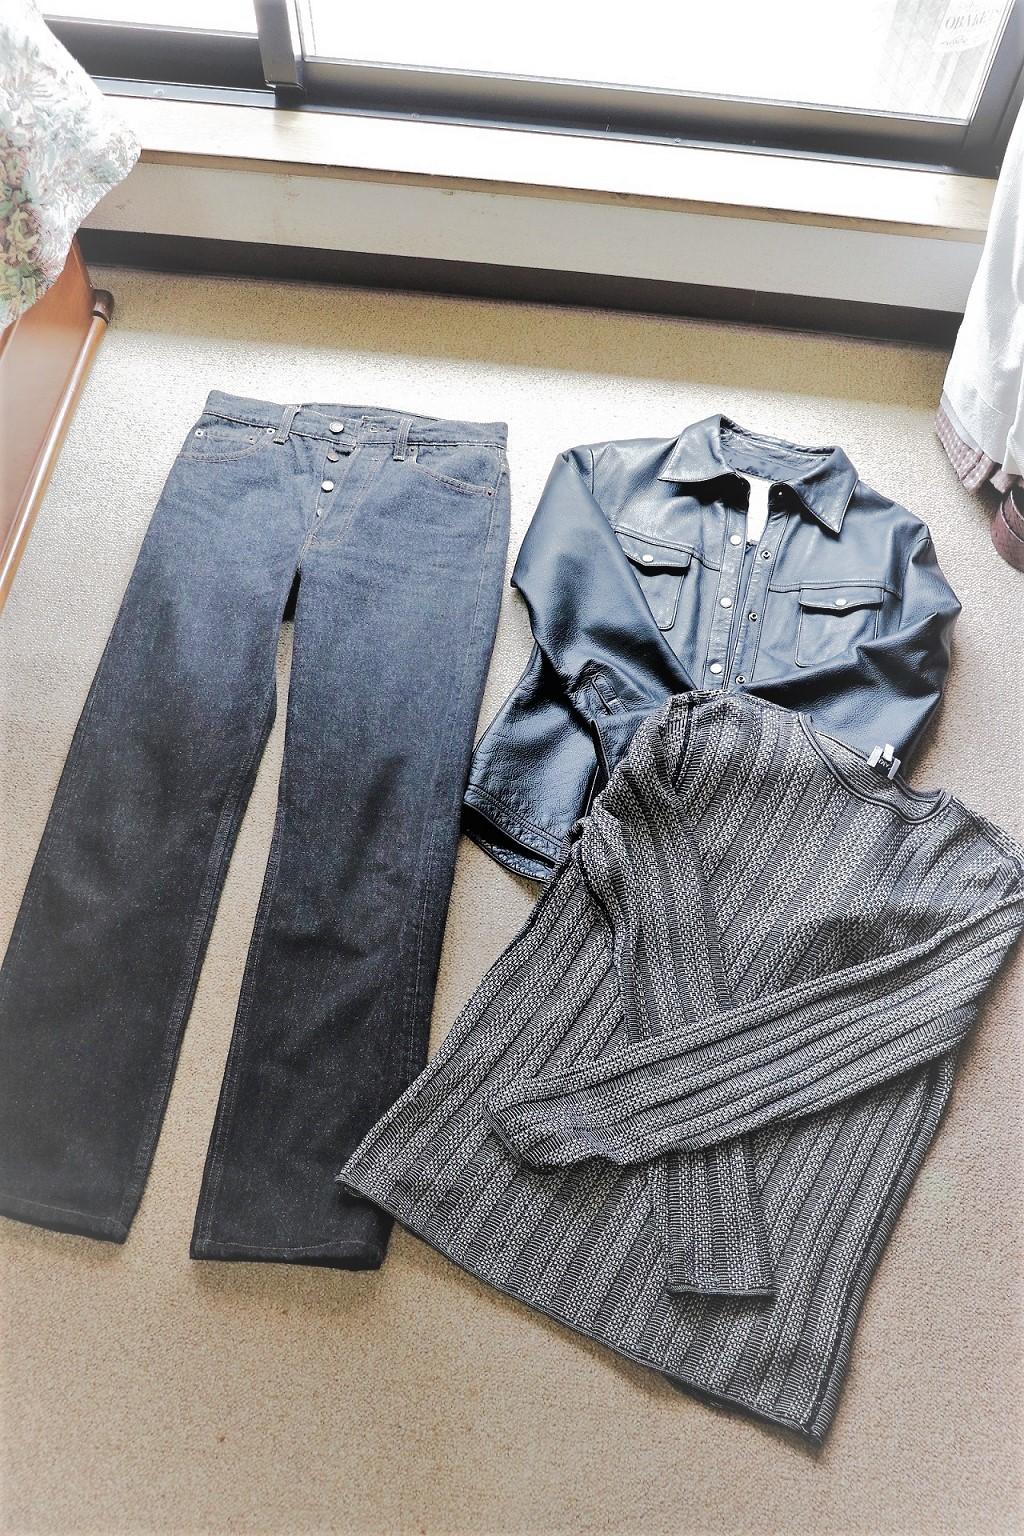 アメリカンタイプバイカーの街乗り季節別服装コーデ